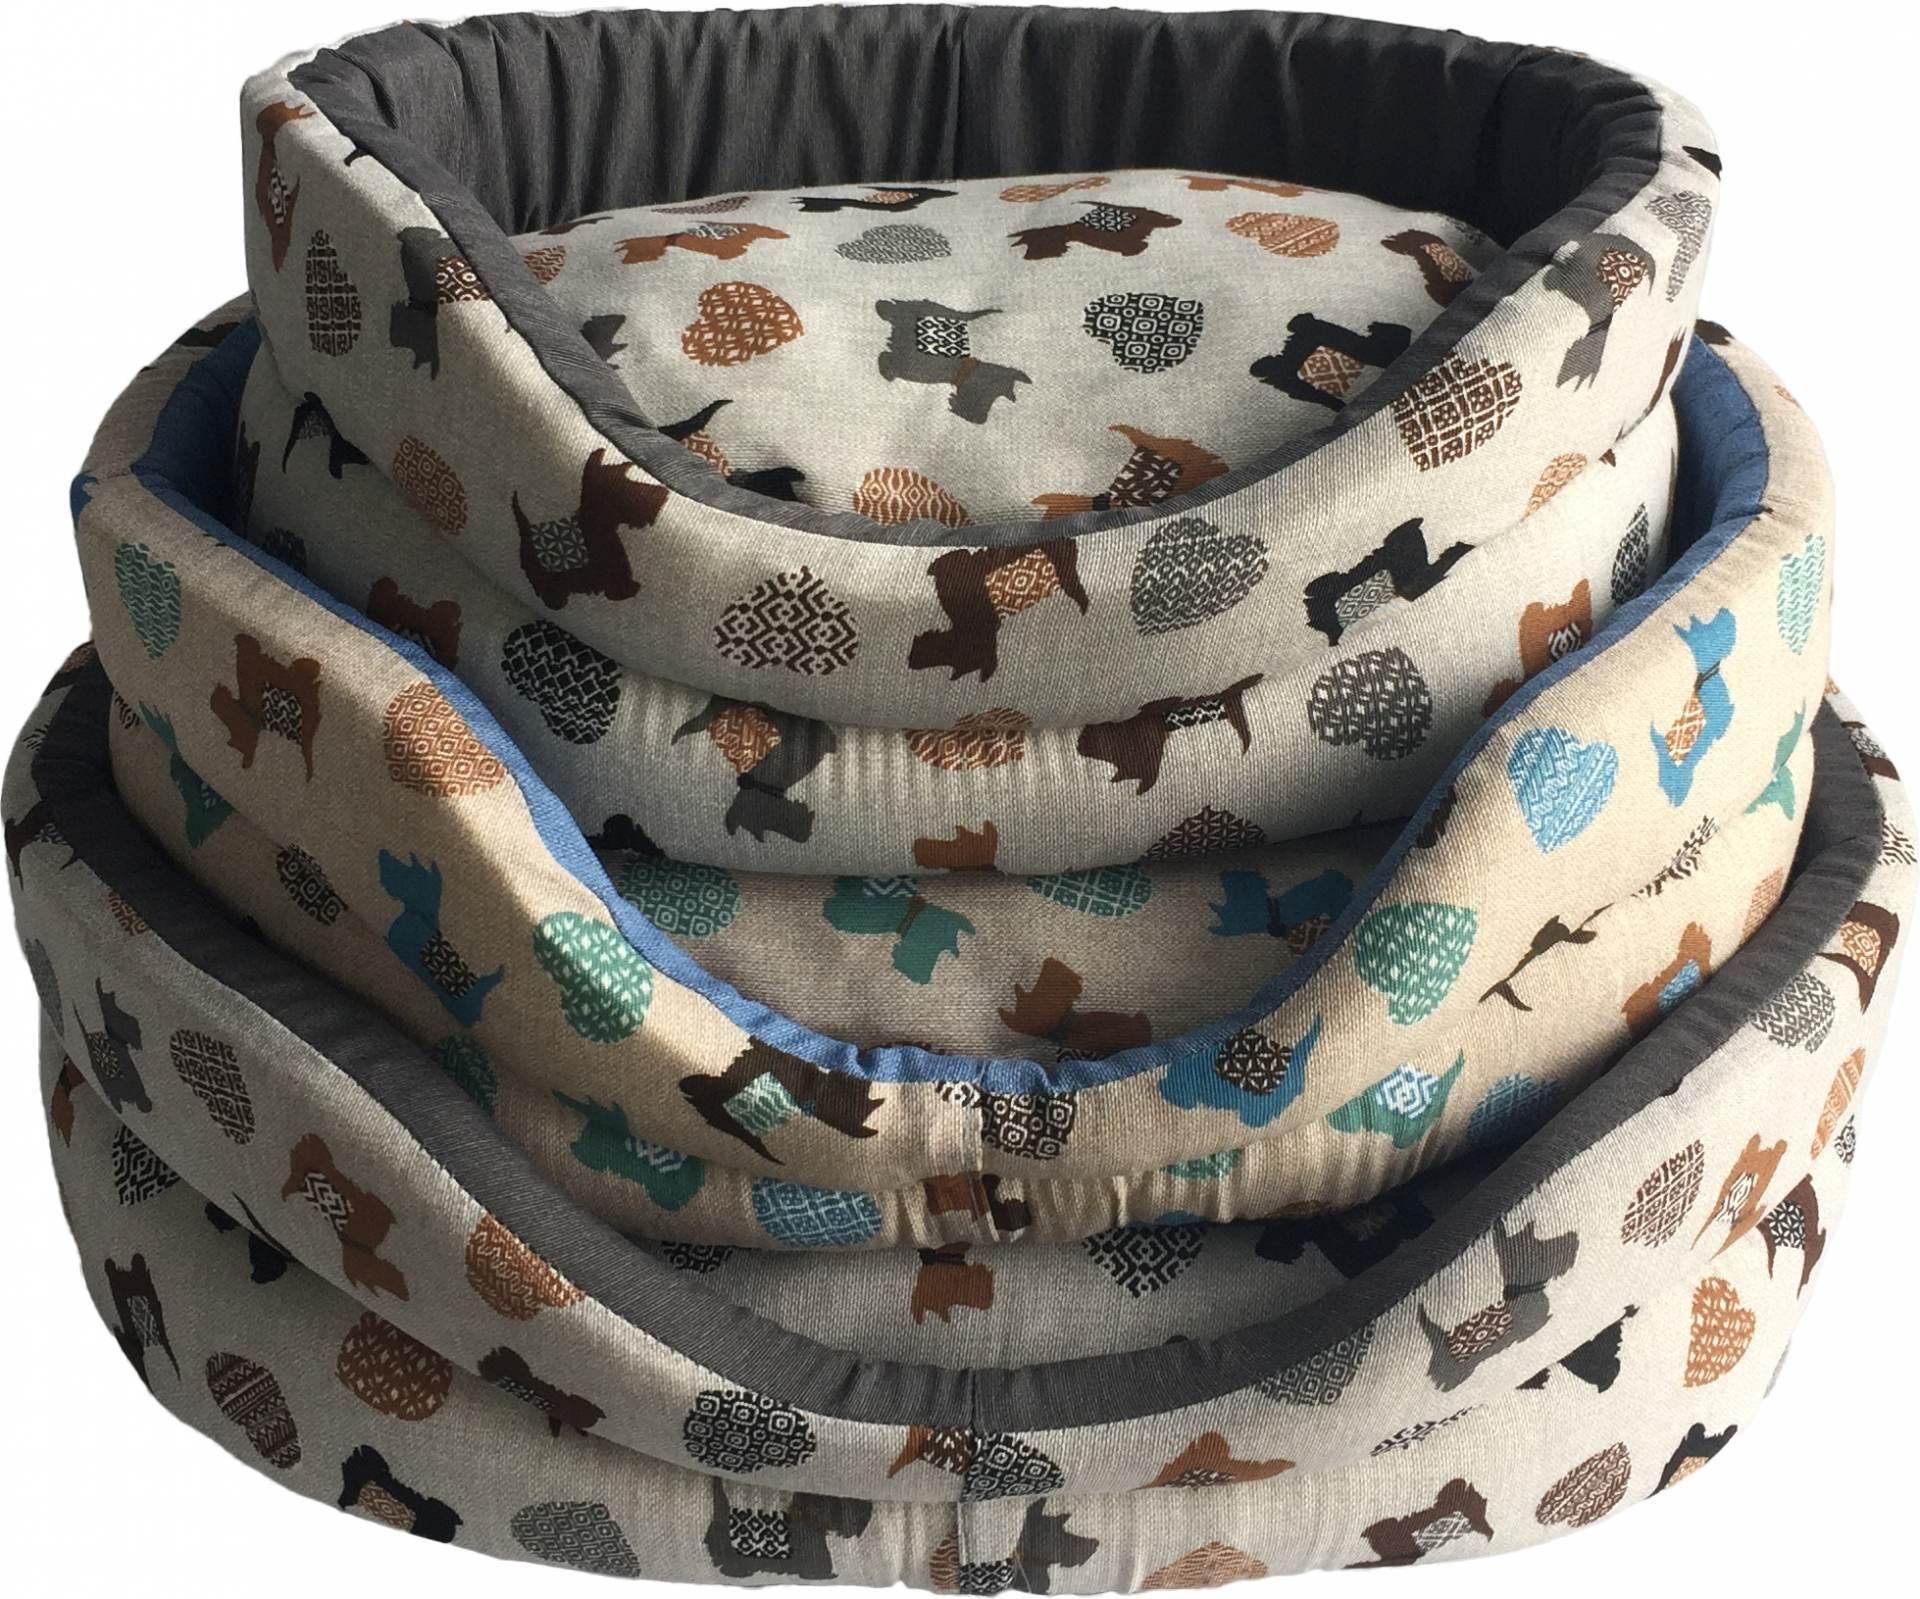 Cucce Piccole Per Cani cucce piccole terrier sun ray - raggio di sole - mangimi